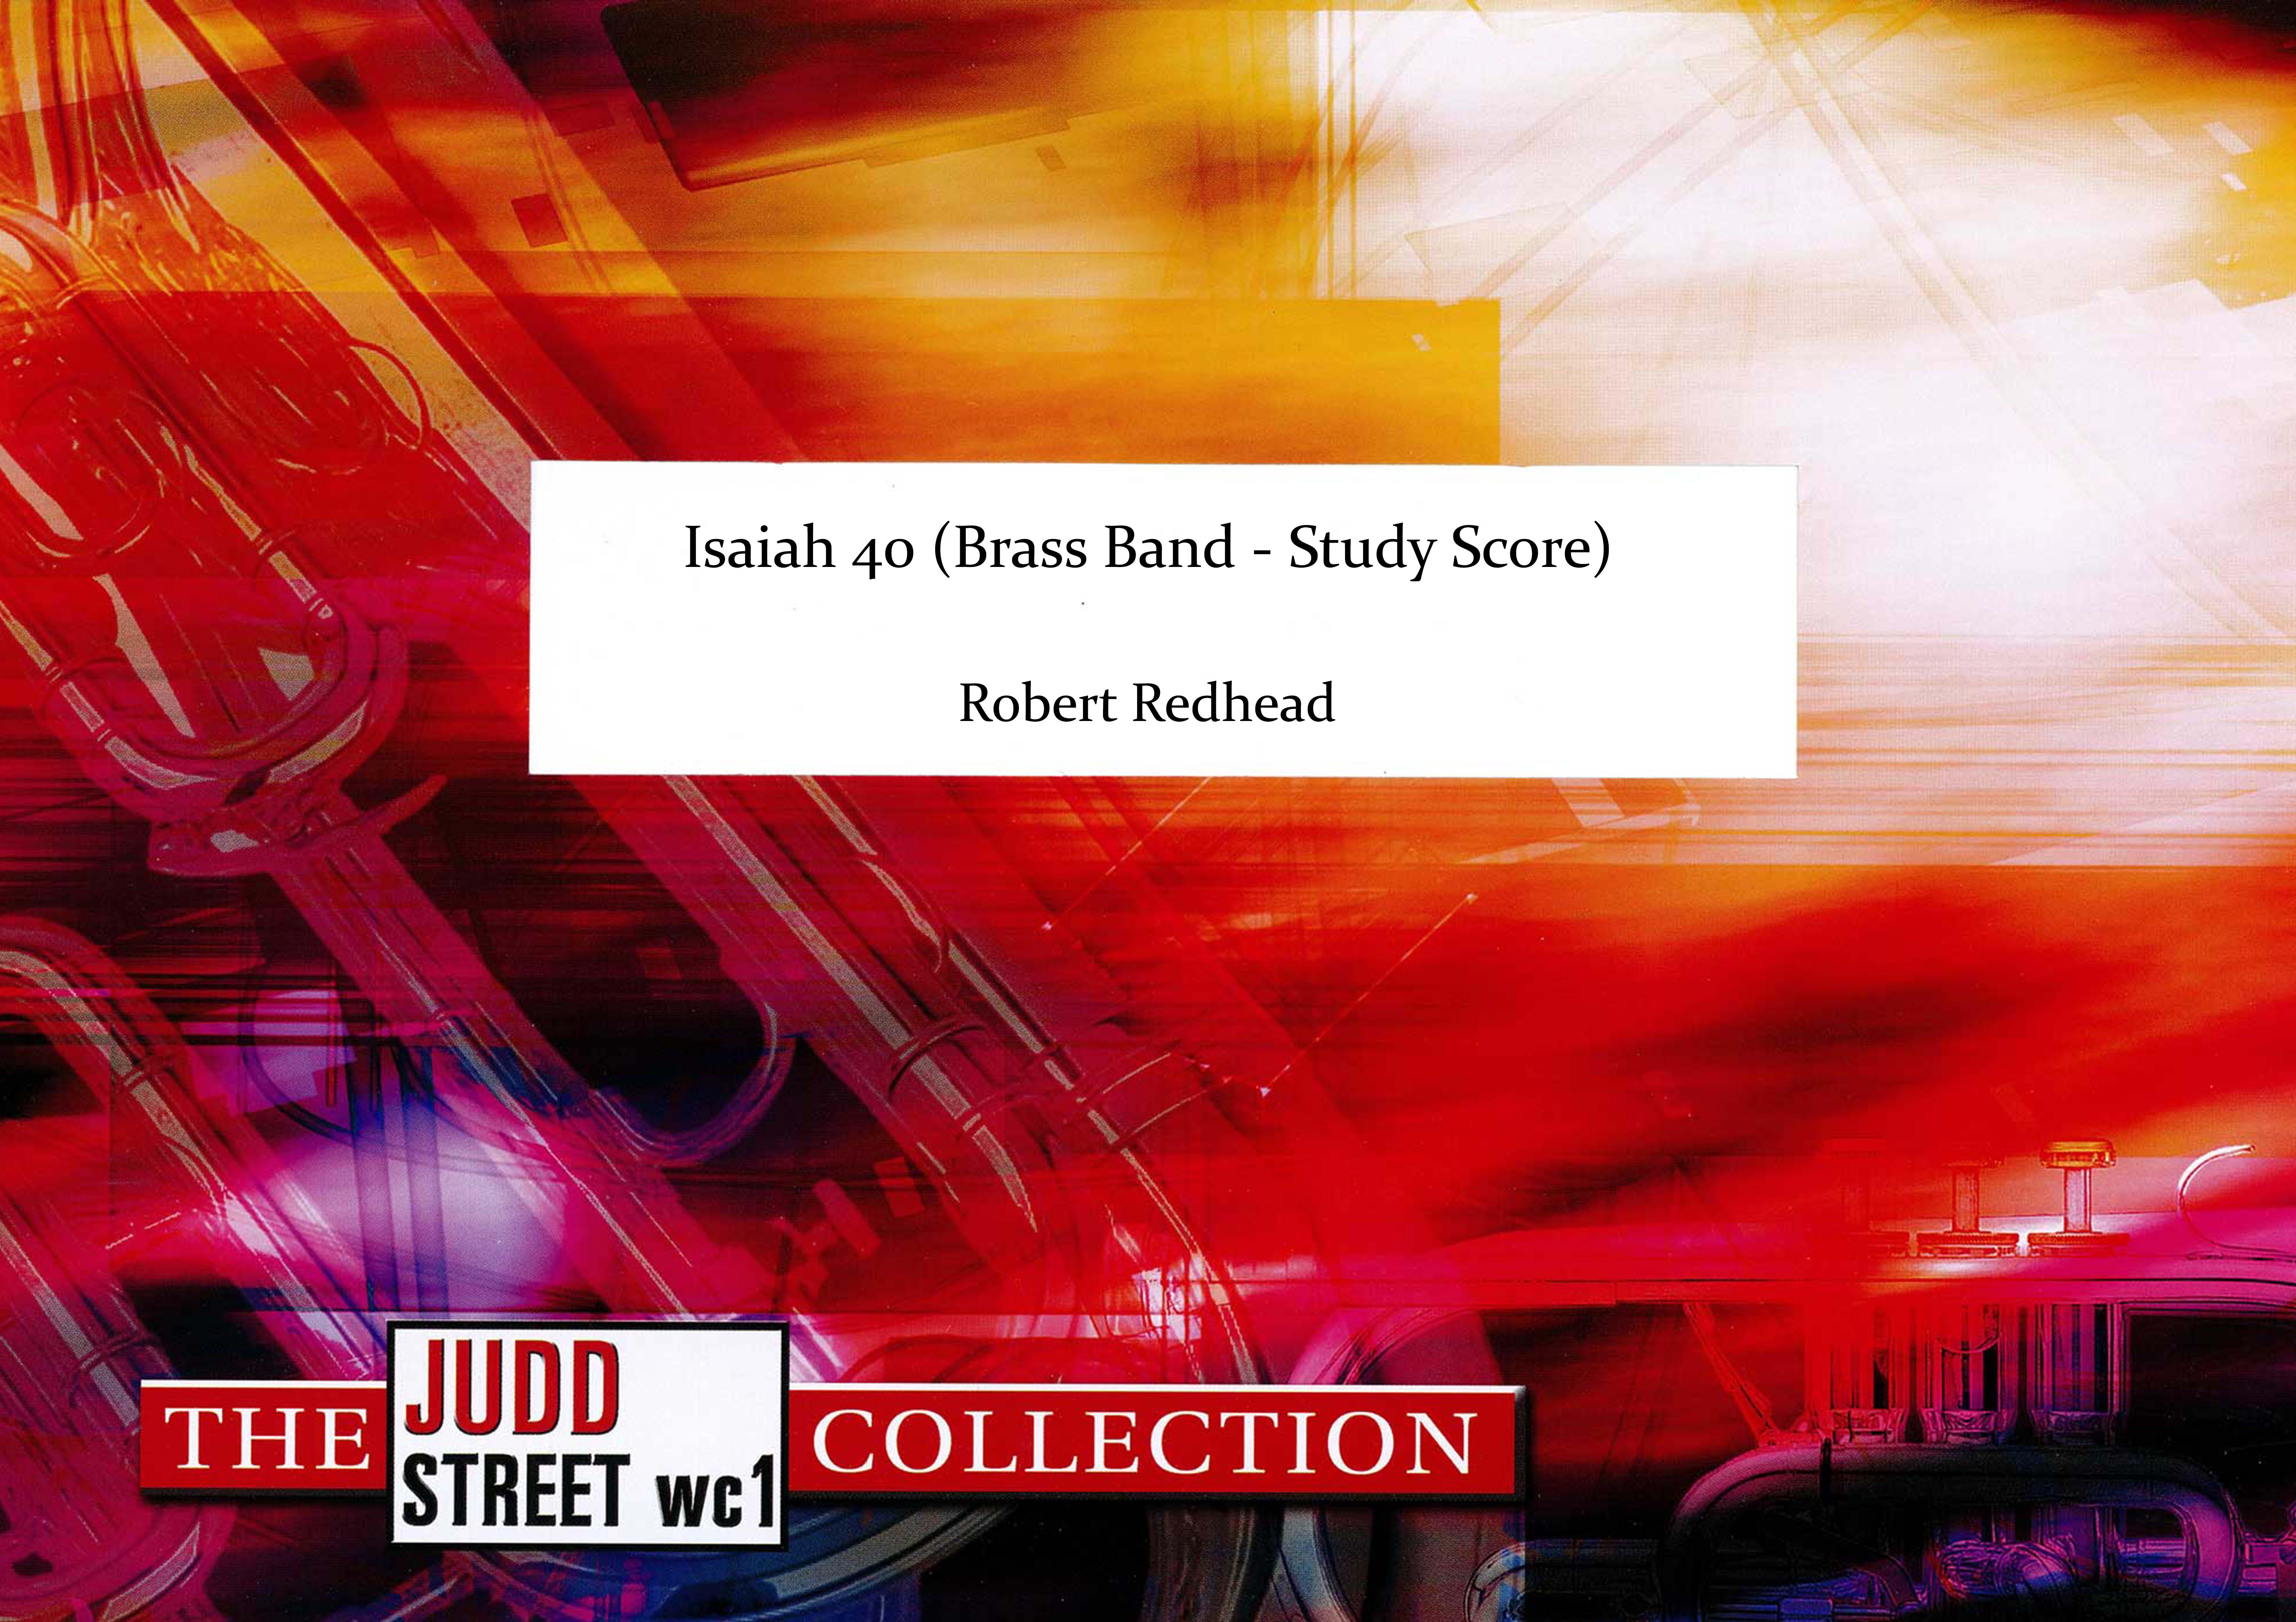 Isaiah 40 (Brass Band - Study Score)